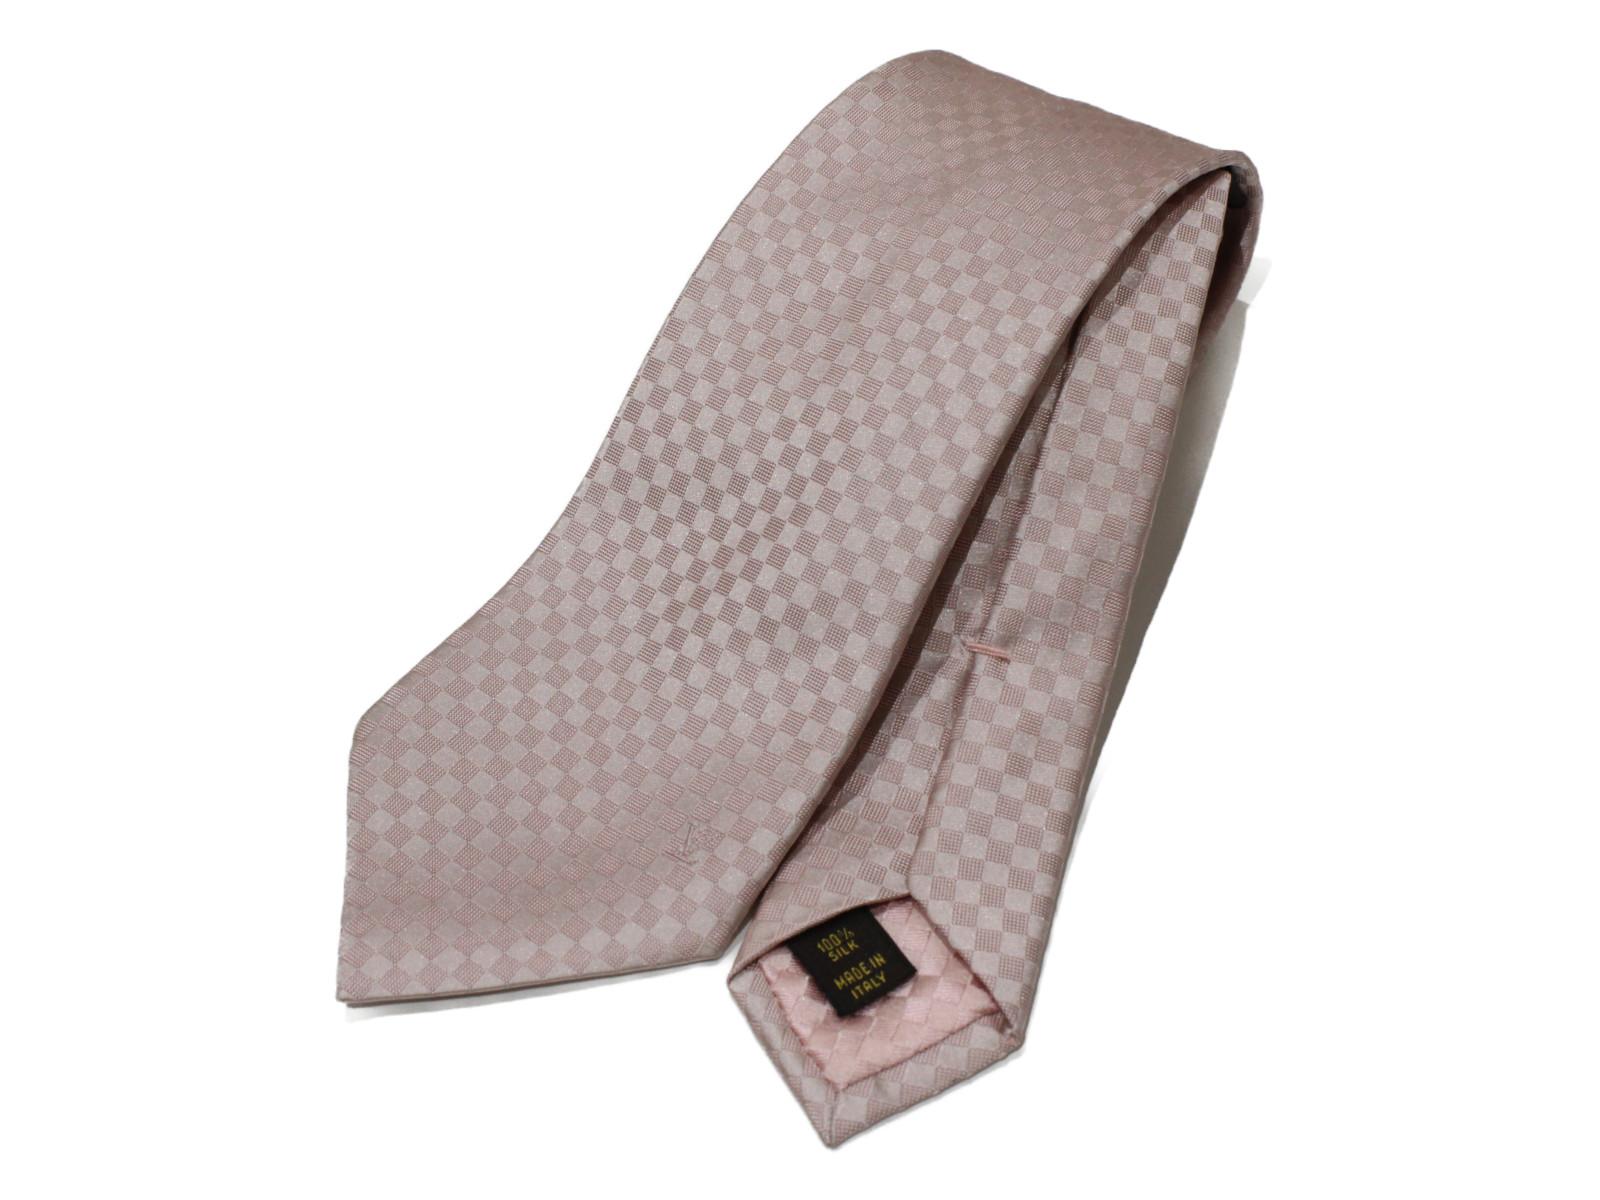 【シンプル☆】LOUIS VUITTON グラヴァッド・ダミエ M67990 ピンク系 シルク100% レディース メンズ ユニセックス ネクタイ スーツ フォーマル 新卒 入学式 卒業式 プレゼント包装可 【中古】